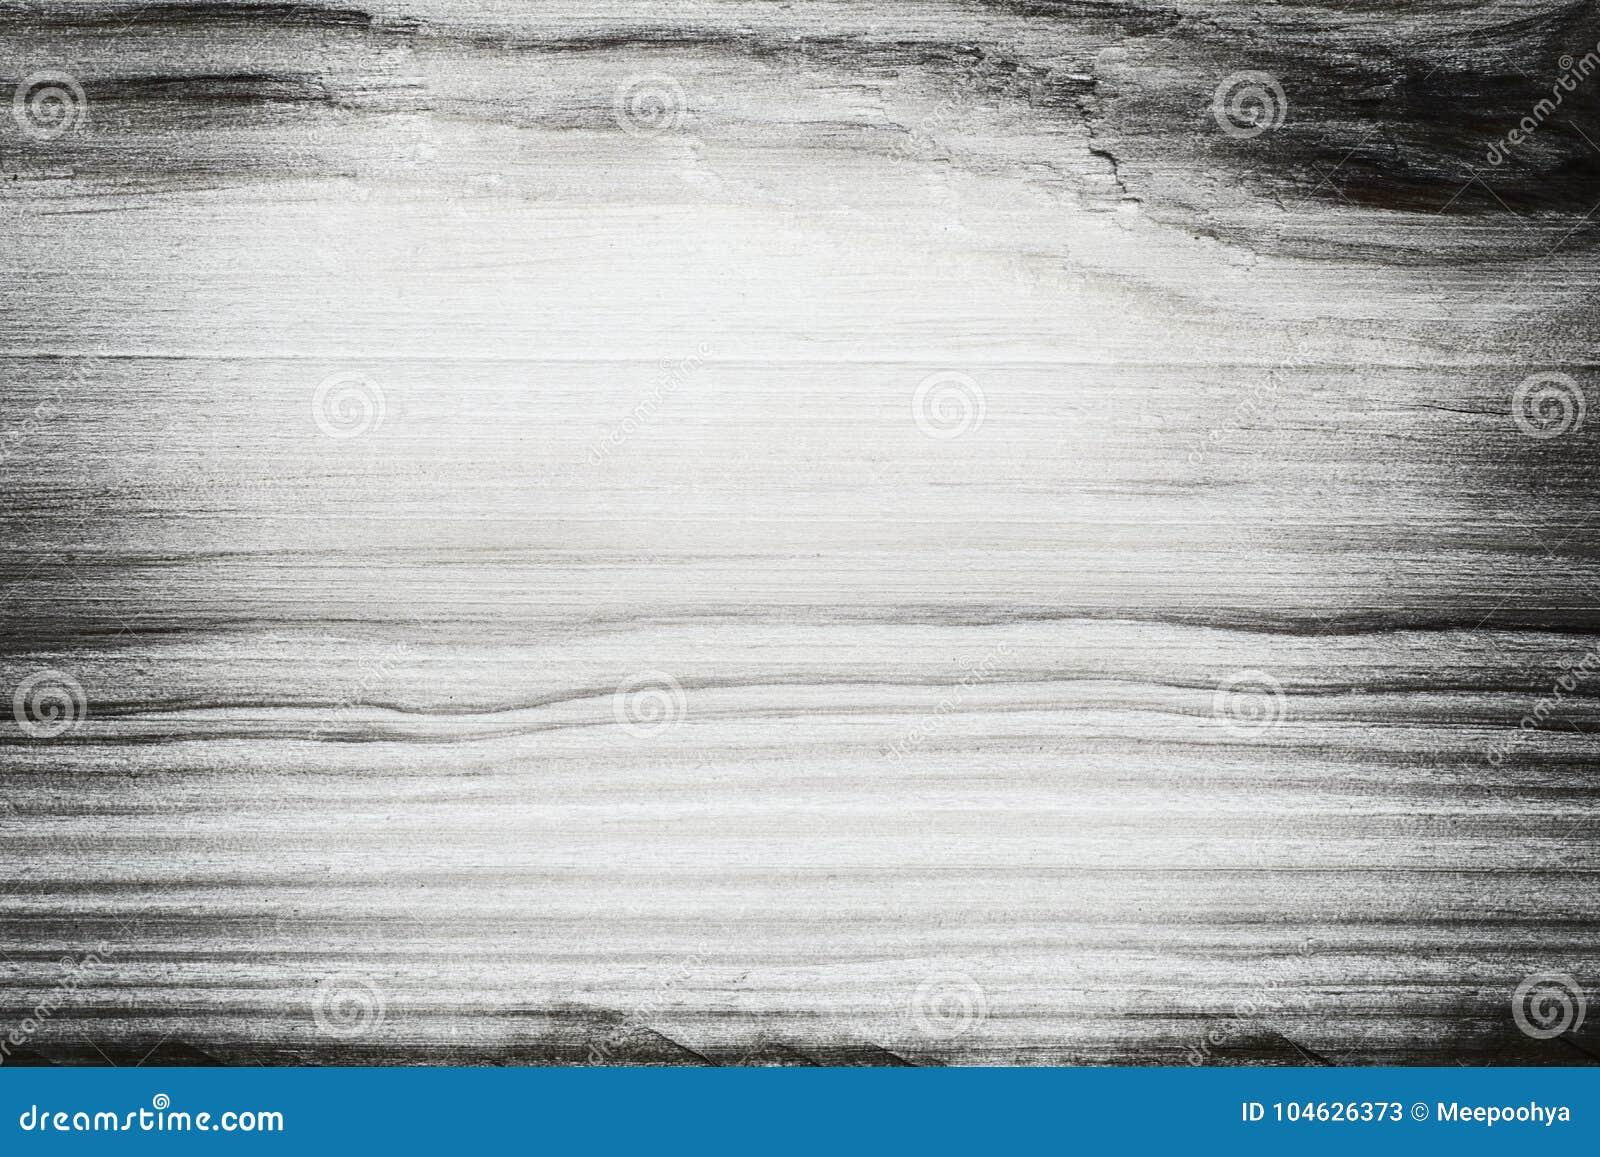 Download Wijnoogst Van Oude Houten Textuur Stock Afbeelding - Afbeelding bestaande uit textuur, geweven: 104626373